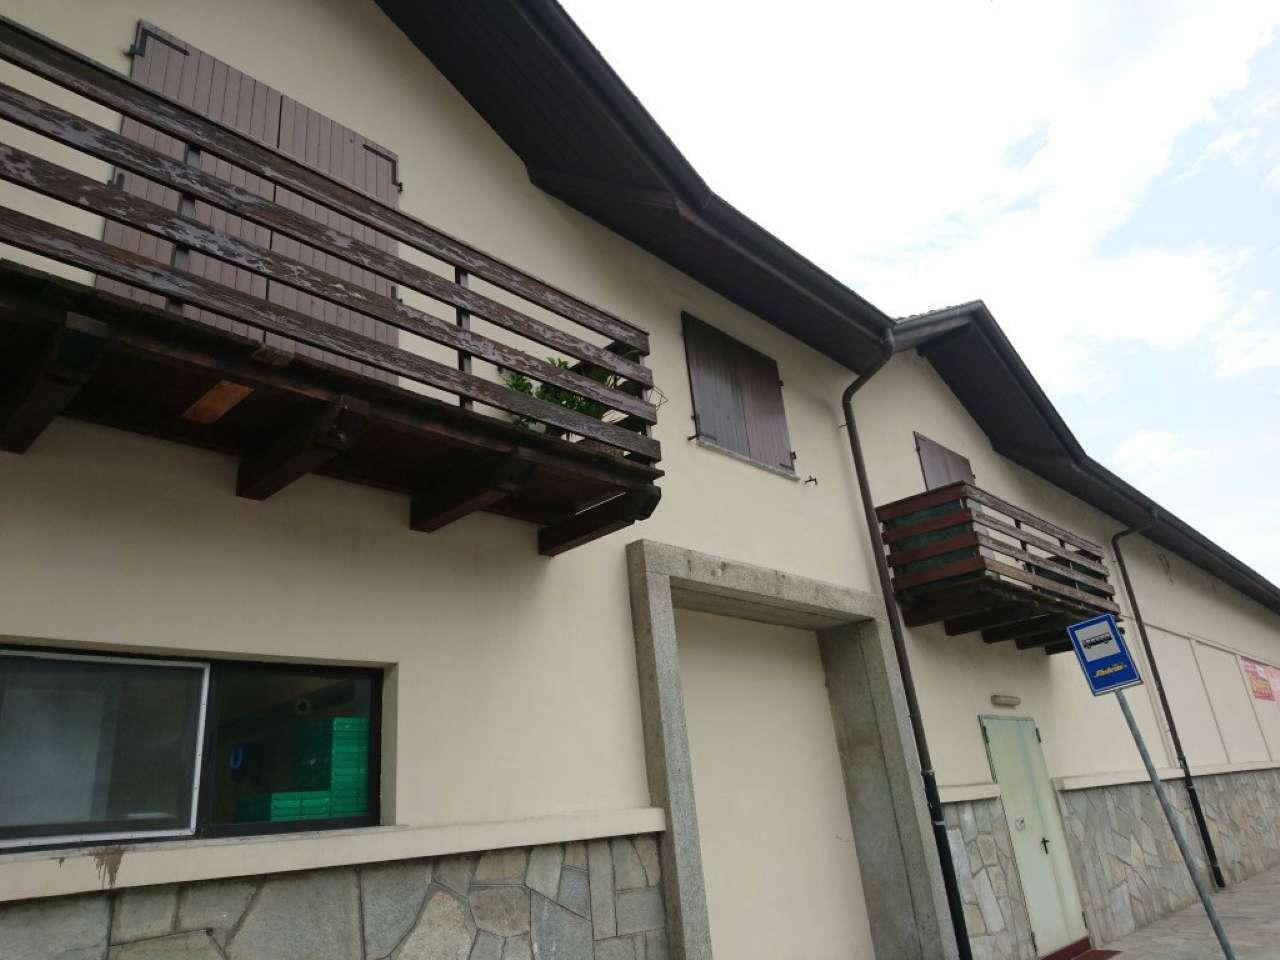 Appartamento in Affitto a Villar Perosa: 2 locali, 50 mq